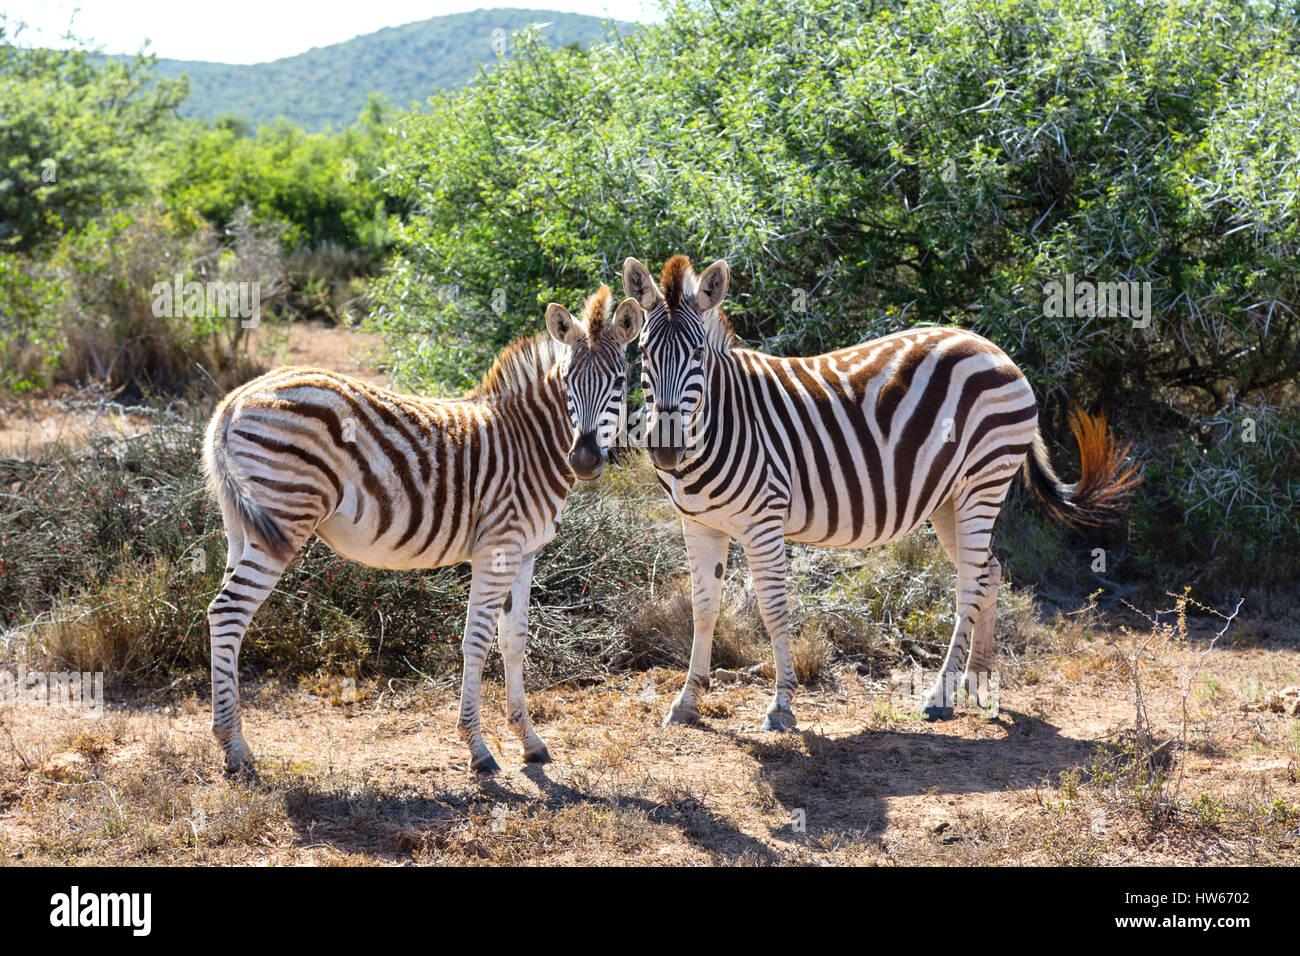 Zebras - paar Zebras, Ebenen Zebra, Equus Quagga - Konzept der Tiere lieben, Tiere verliebt; Südafrika Stockbild